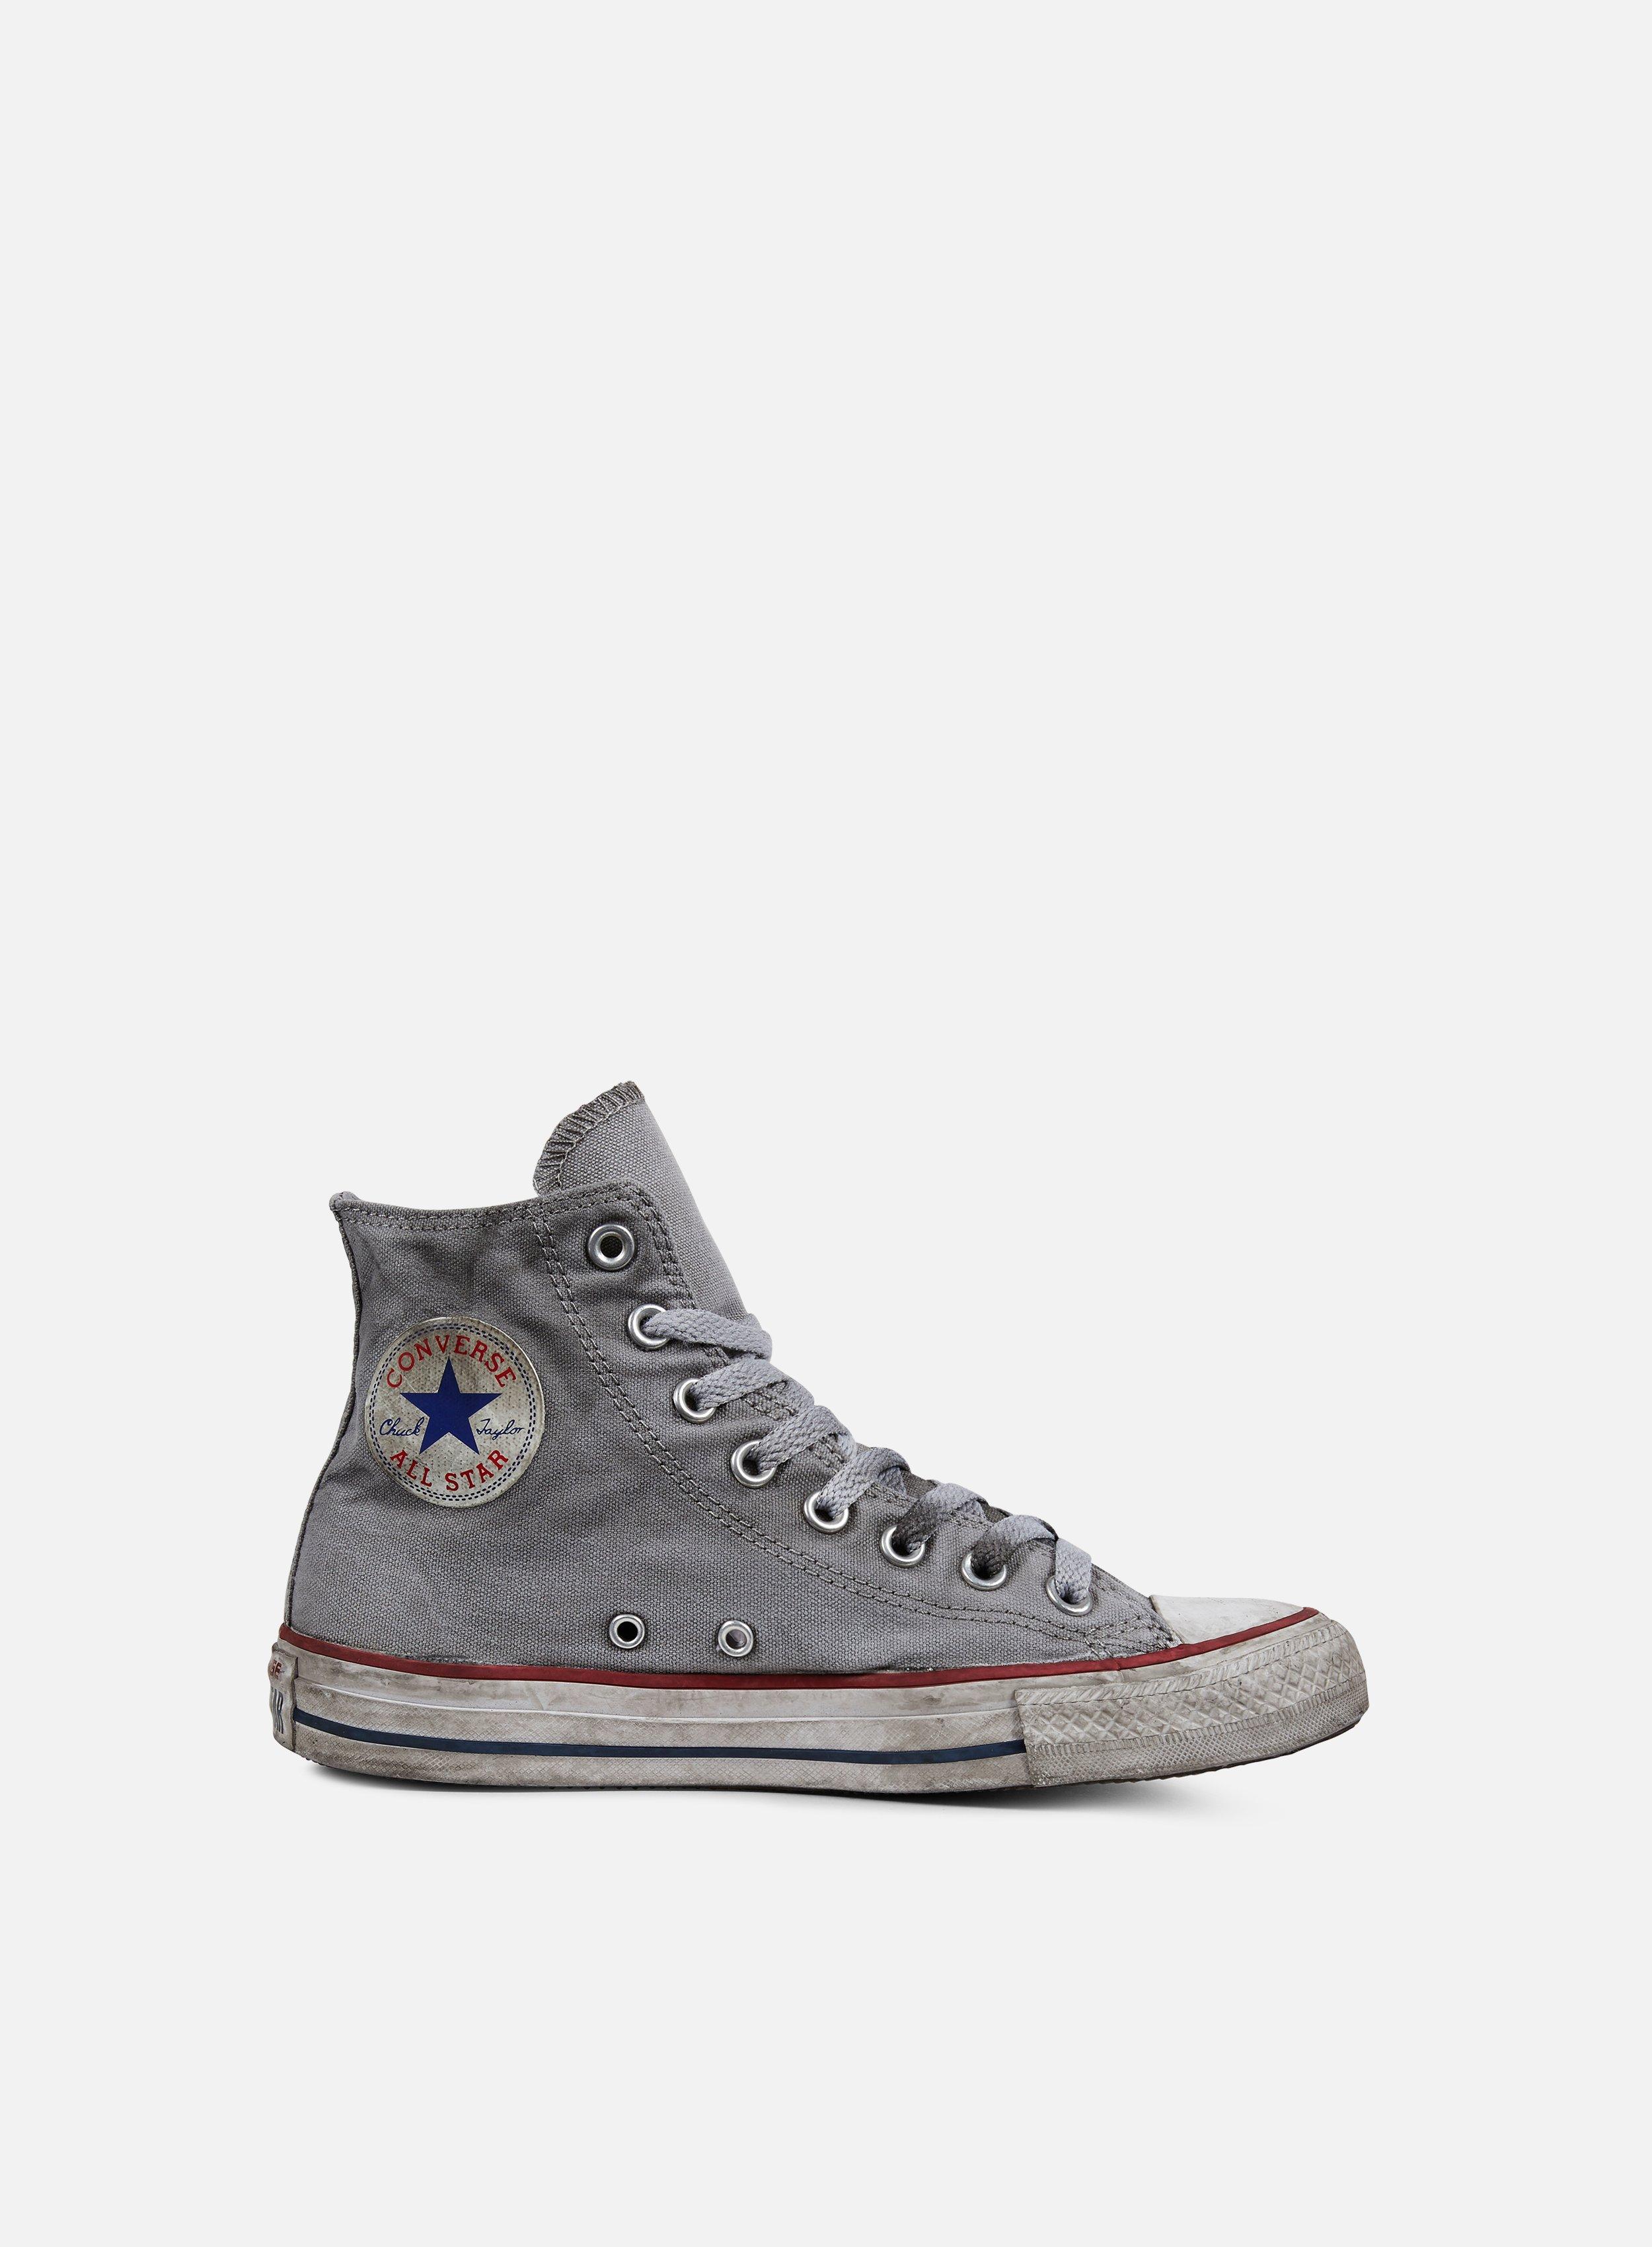 All Star Hi Canvas Ltd